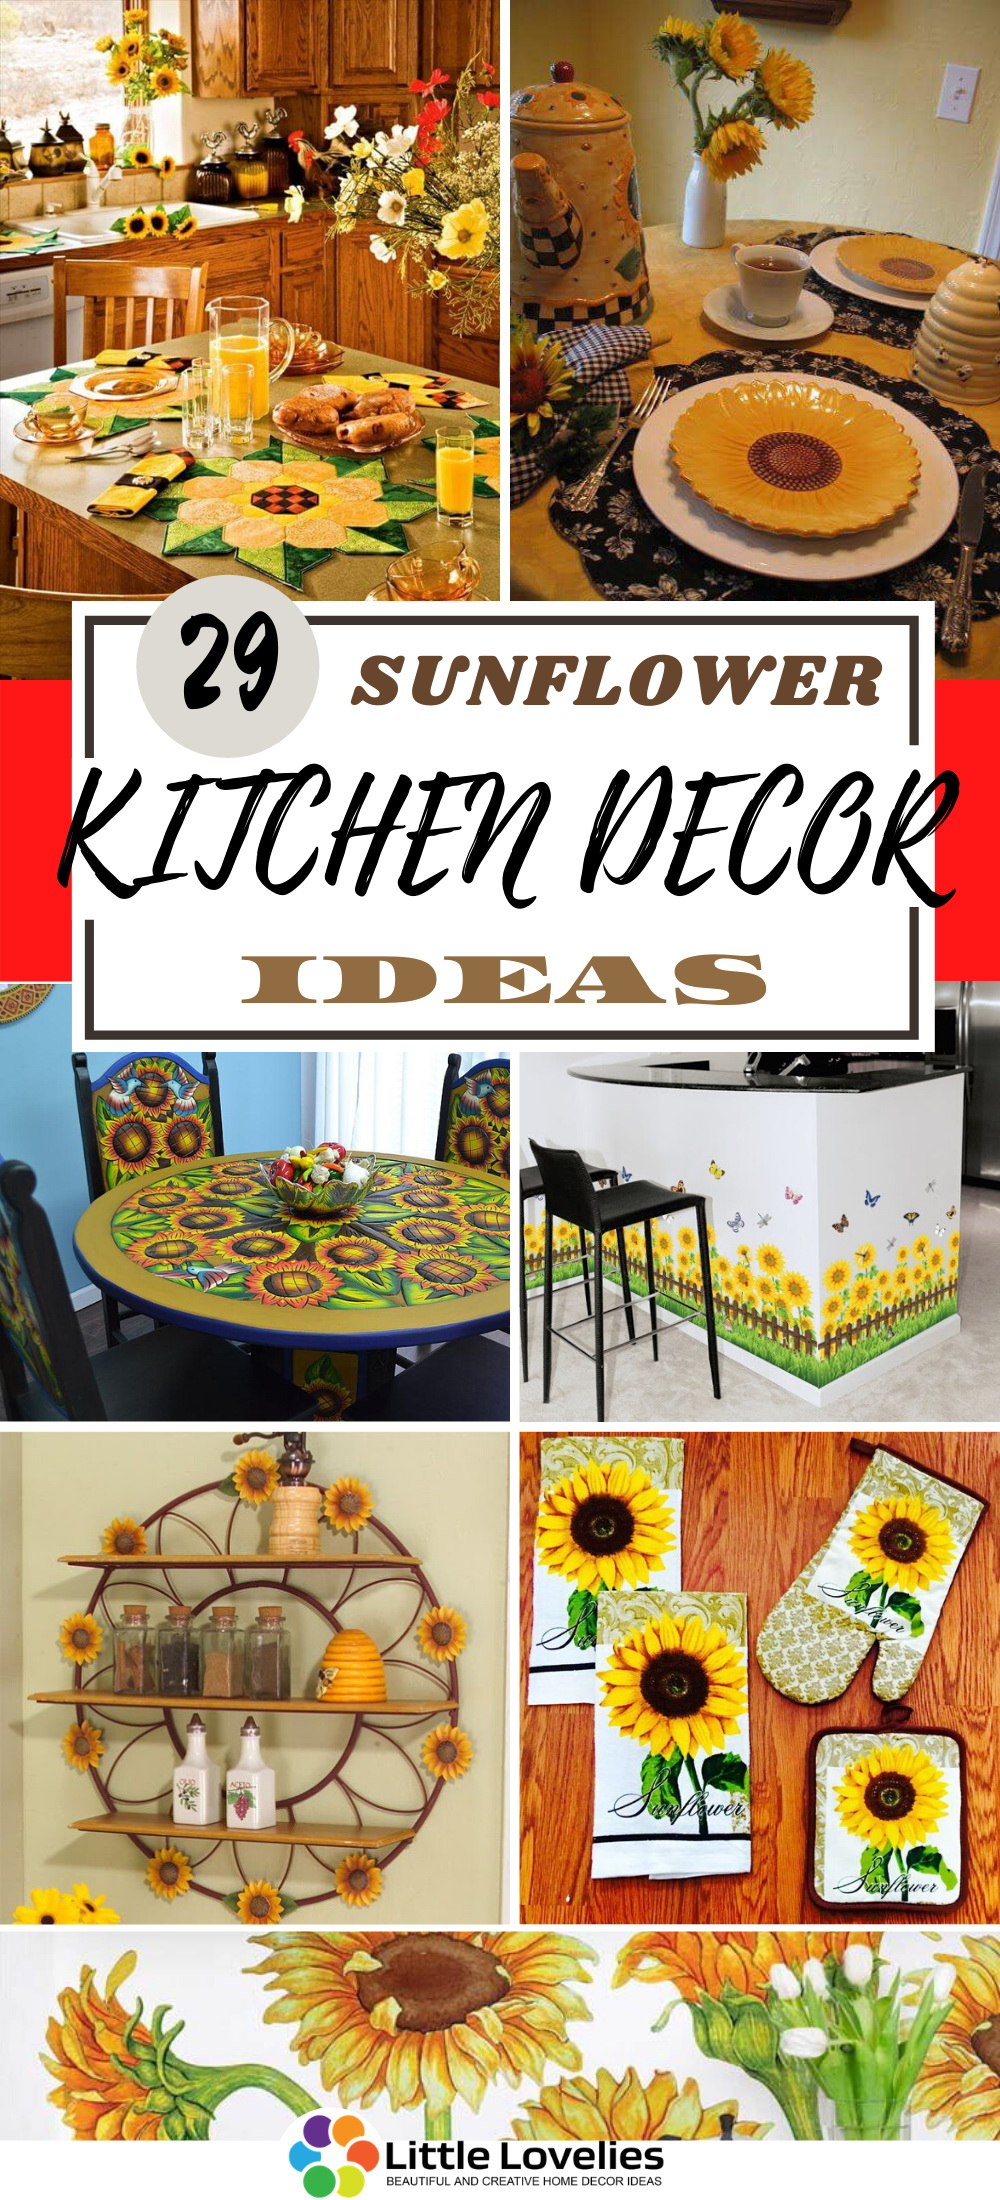 BEST SUNFLOWER KITCHEN DECOR IDEAS